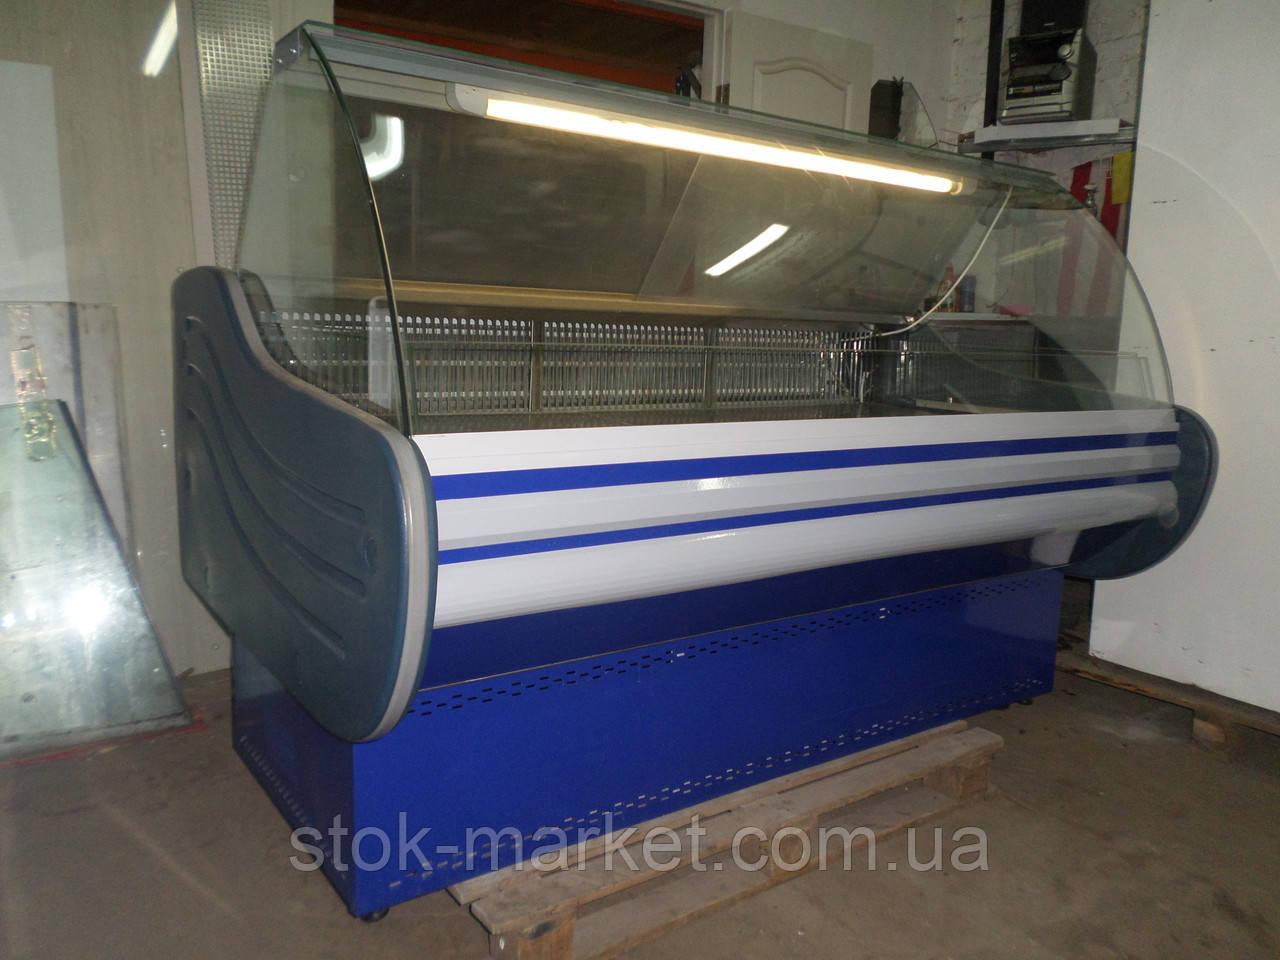 Холодильная витрина 1,8 м б/у Айстермо, холодильная камера, витрина гастрономическая б у, средне температурная